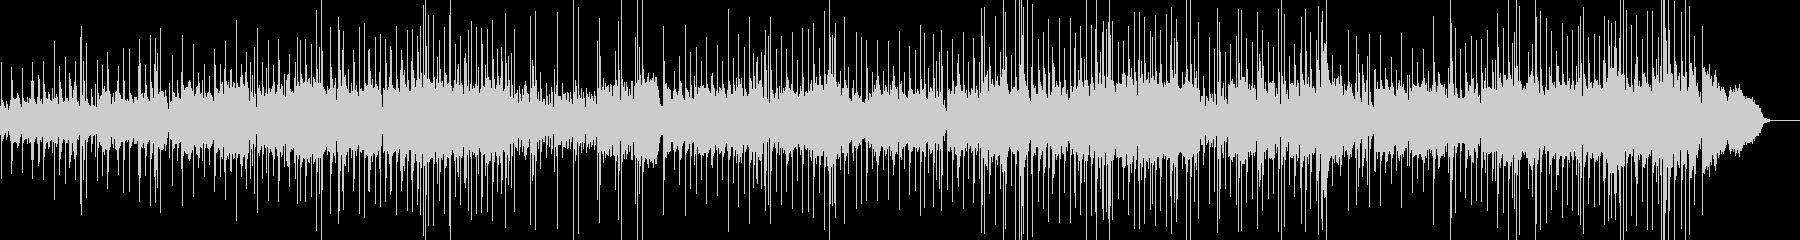 ソプラノサックスのメロディが綺麗バラードの未再生の波形